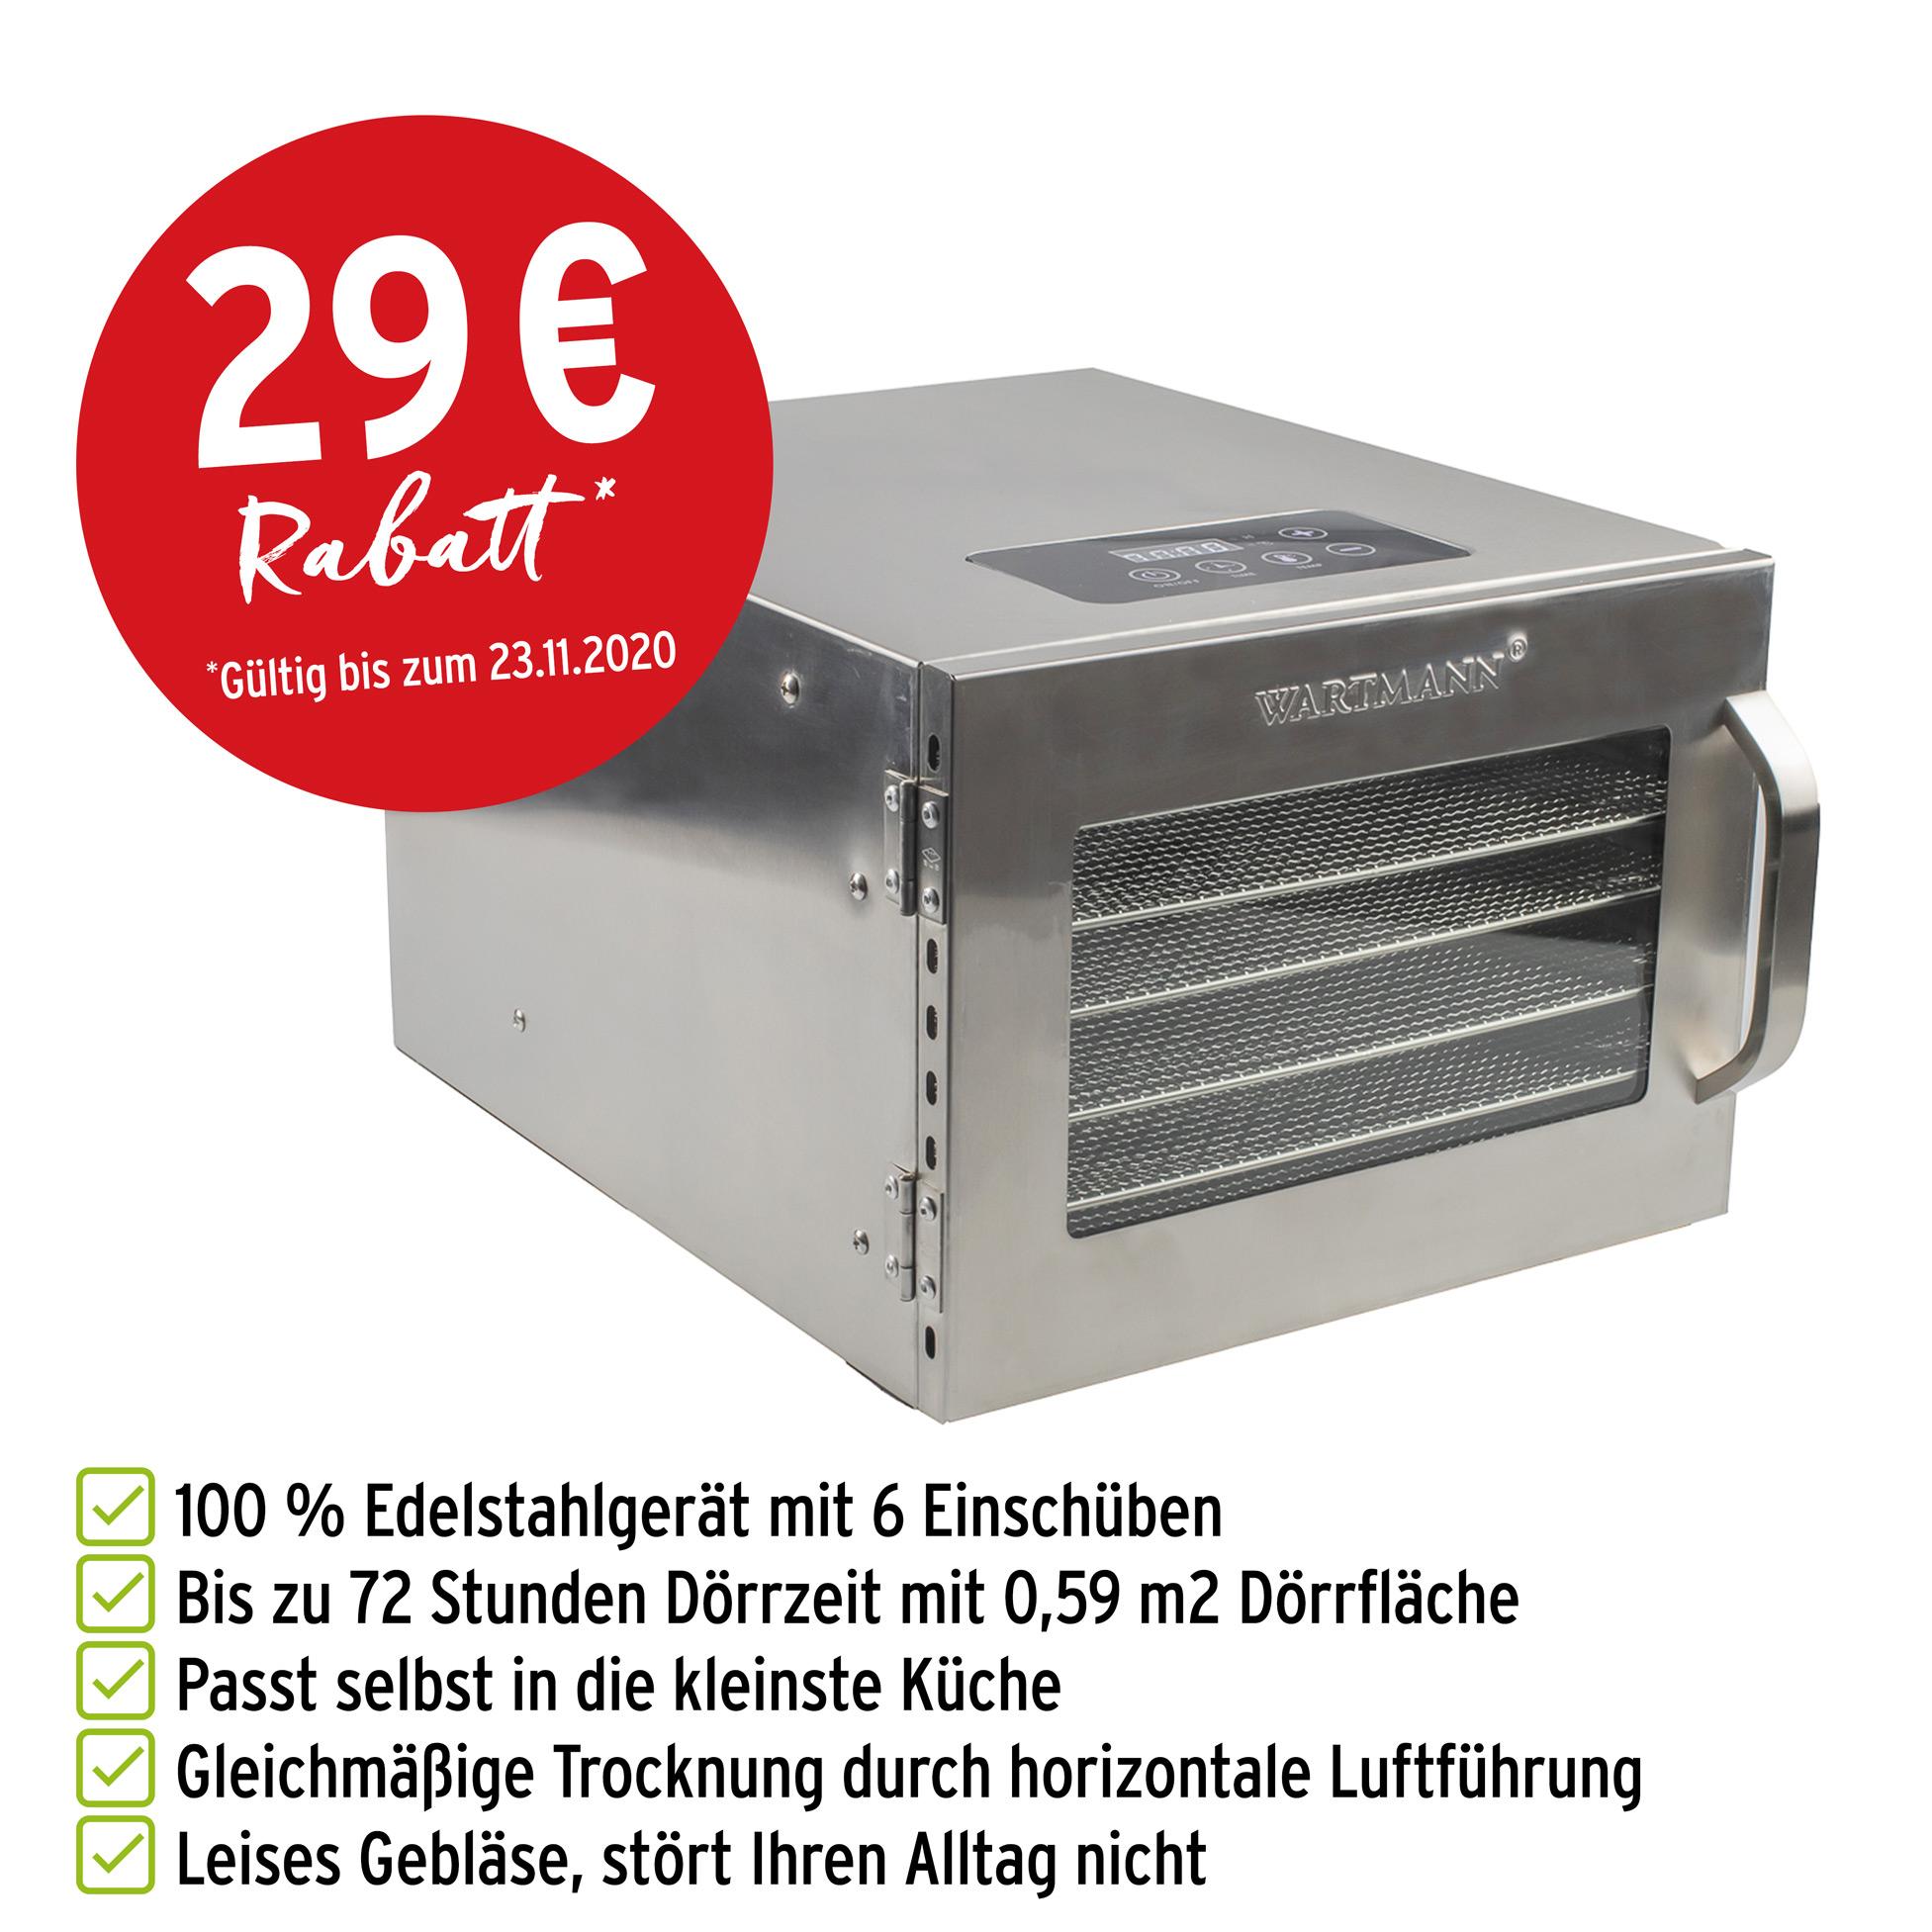 Wartmann Dörrautomat WM-2006 DH mit Vorteilen und 29 Euro Rabatt